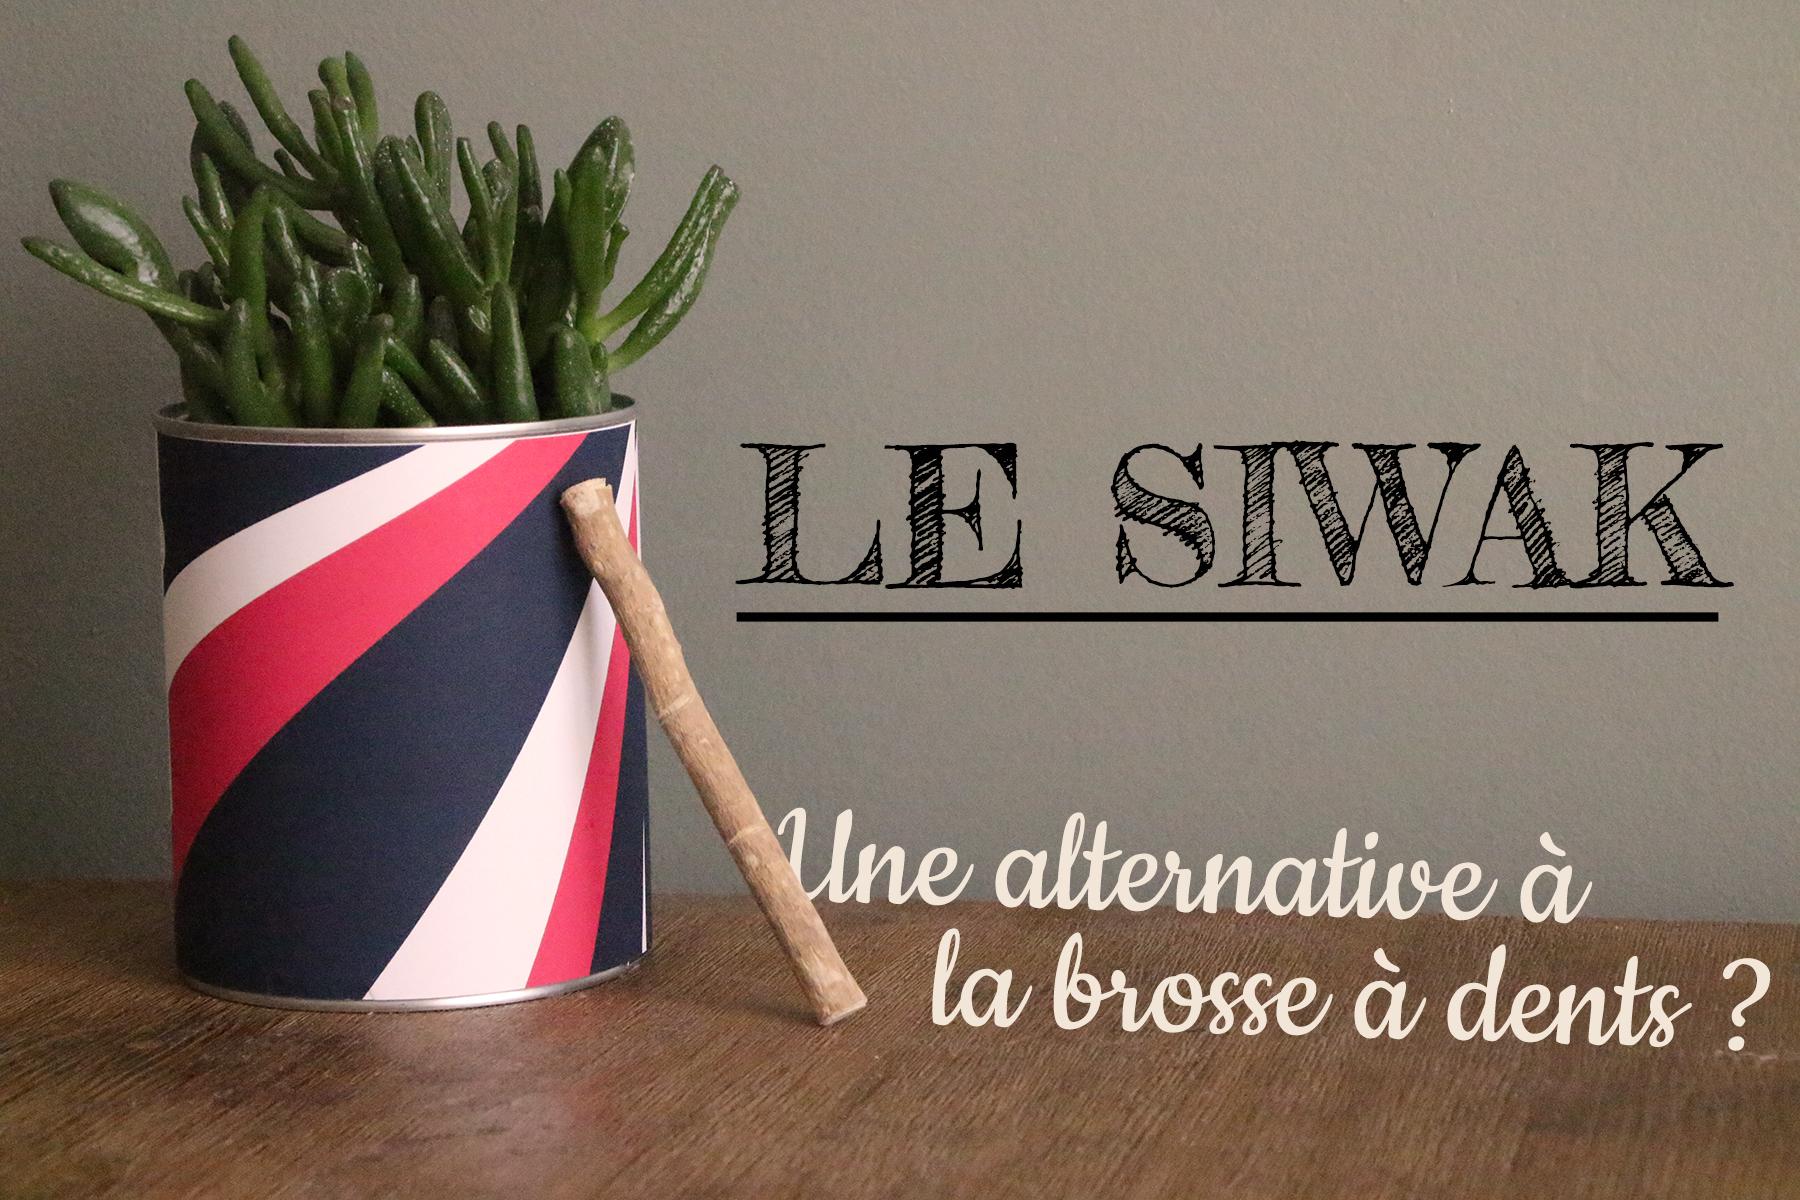 Le siwak - L'atelier de Lexie